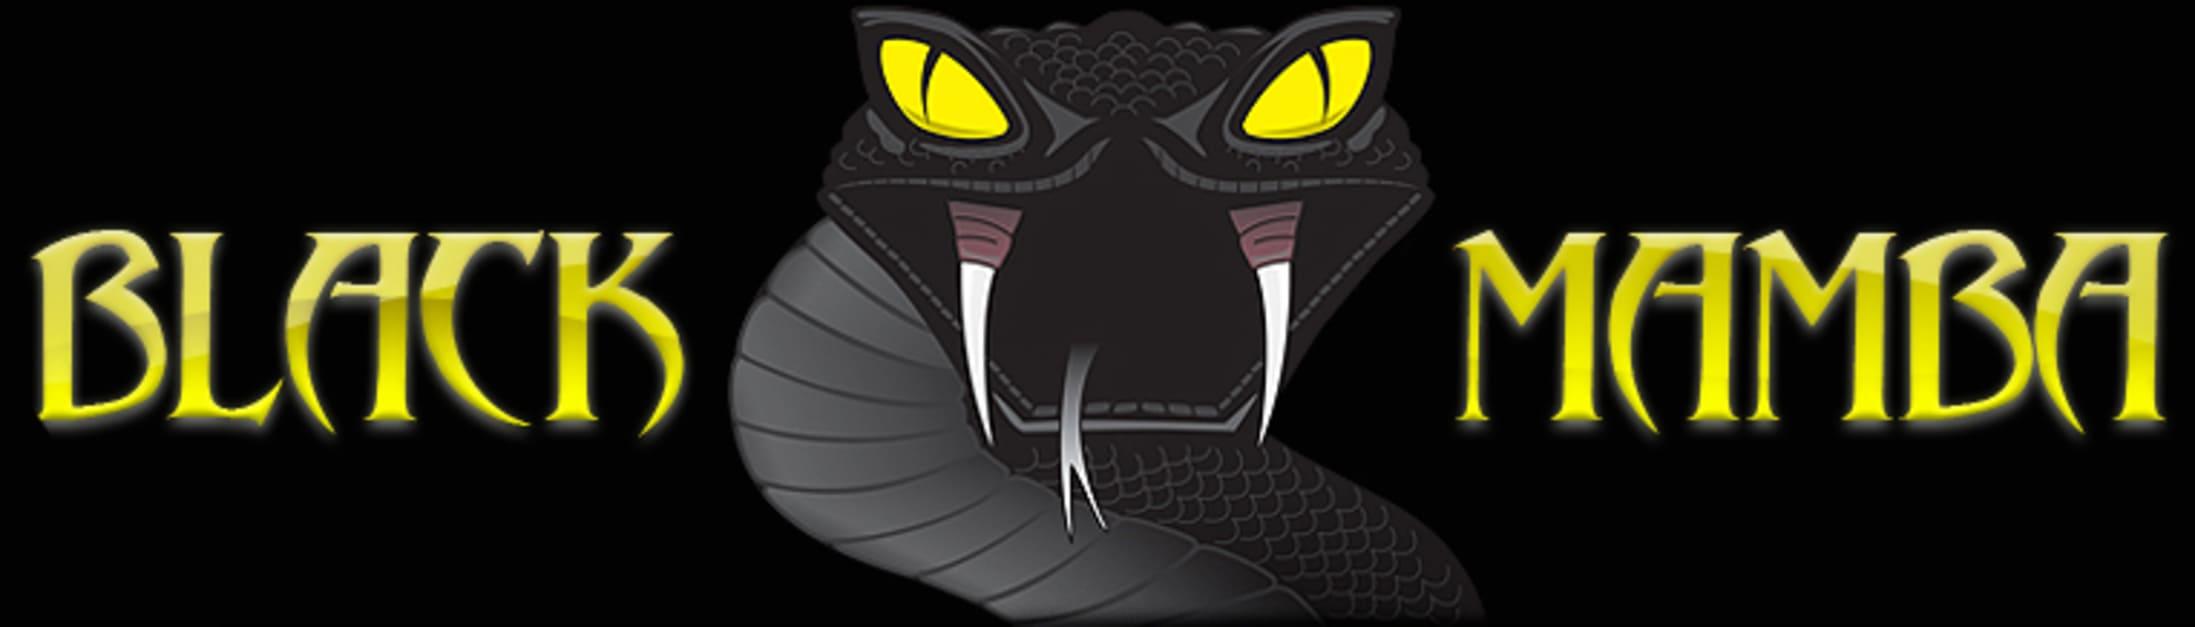 Black Mamba Gloves Logo